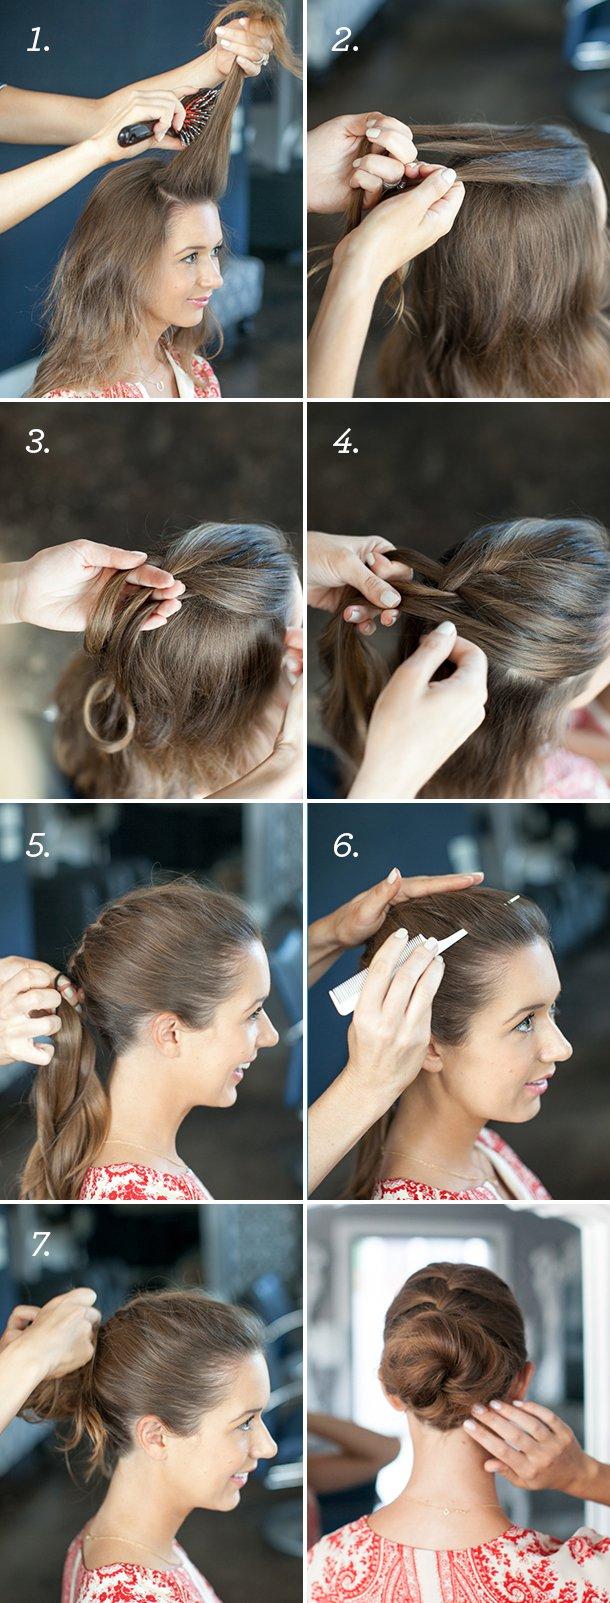 hair ideas for thanksgiving